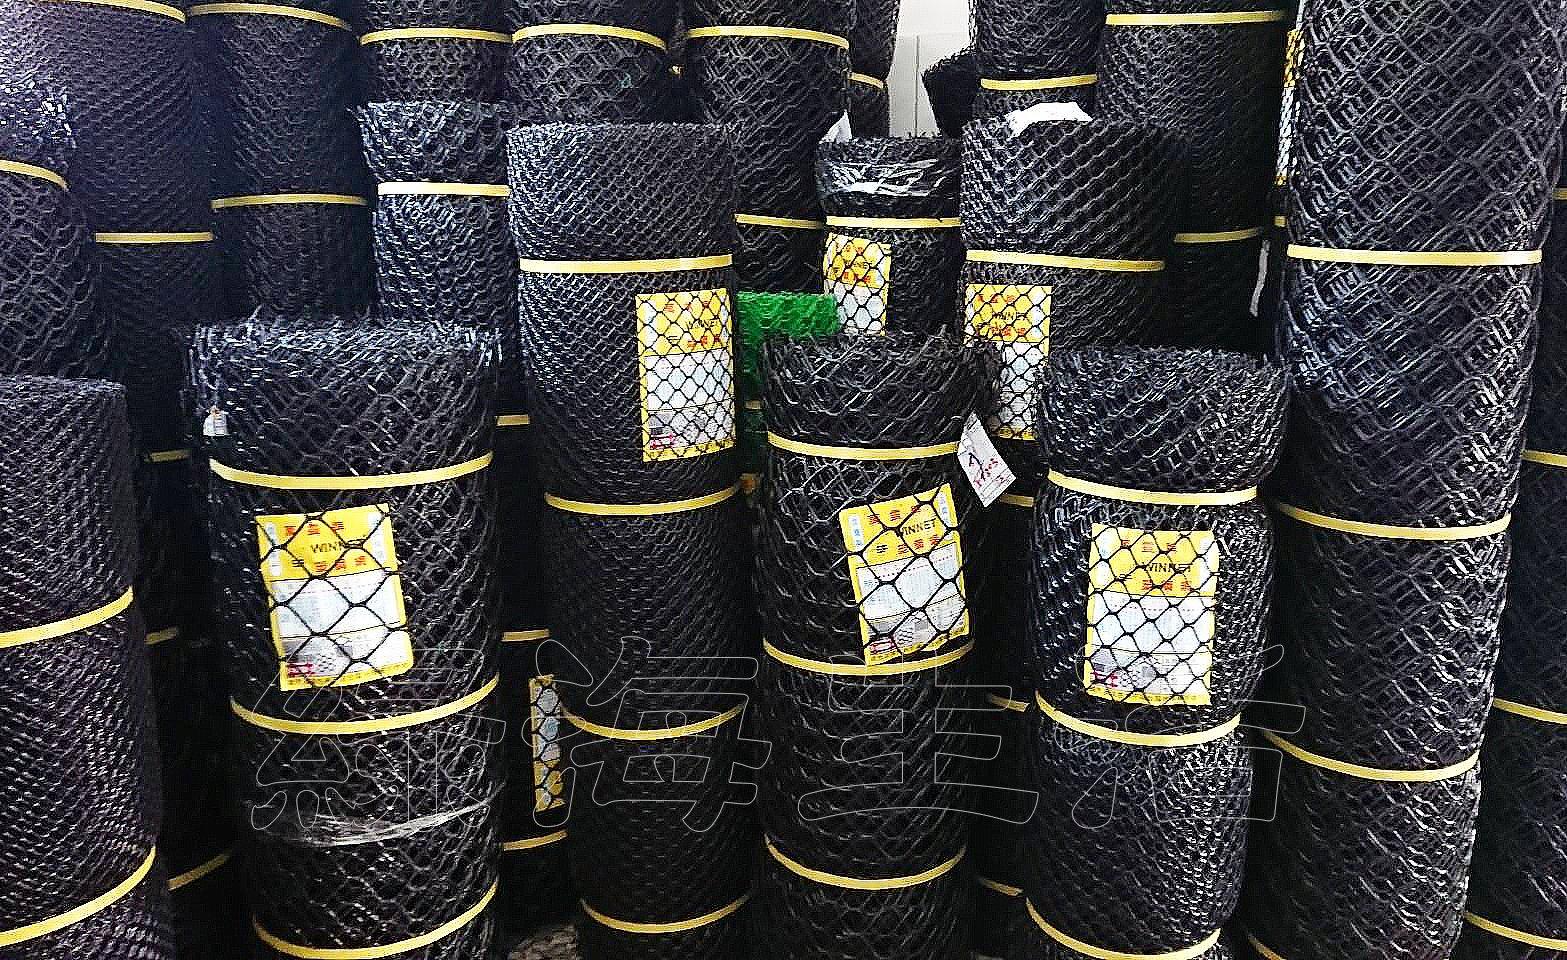 【綠海生活】塑鋼網 (B級/黑色) 3尺 長度:100尺 萬年網 黑網 塑膠網 萬用網 圍籬網 籬笆網 網子